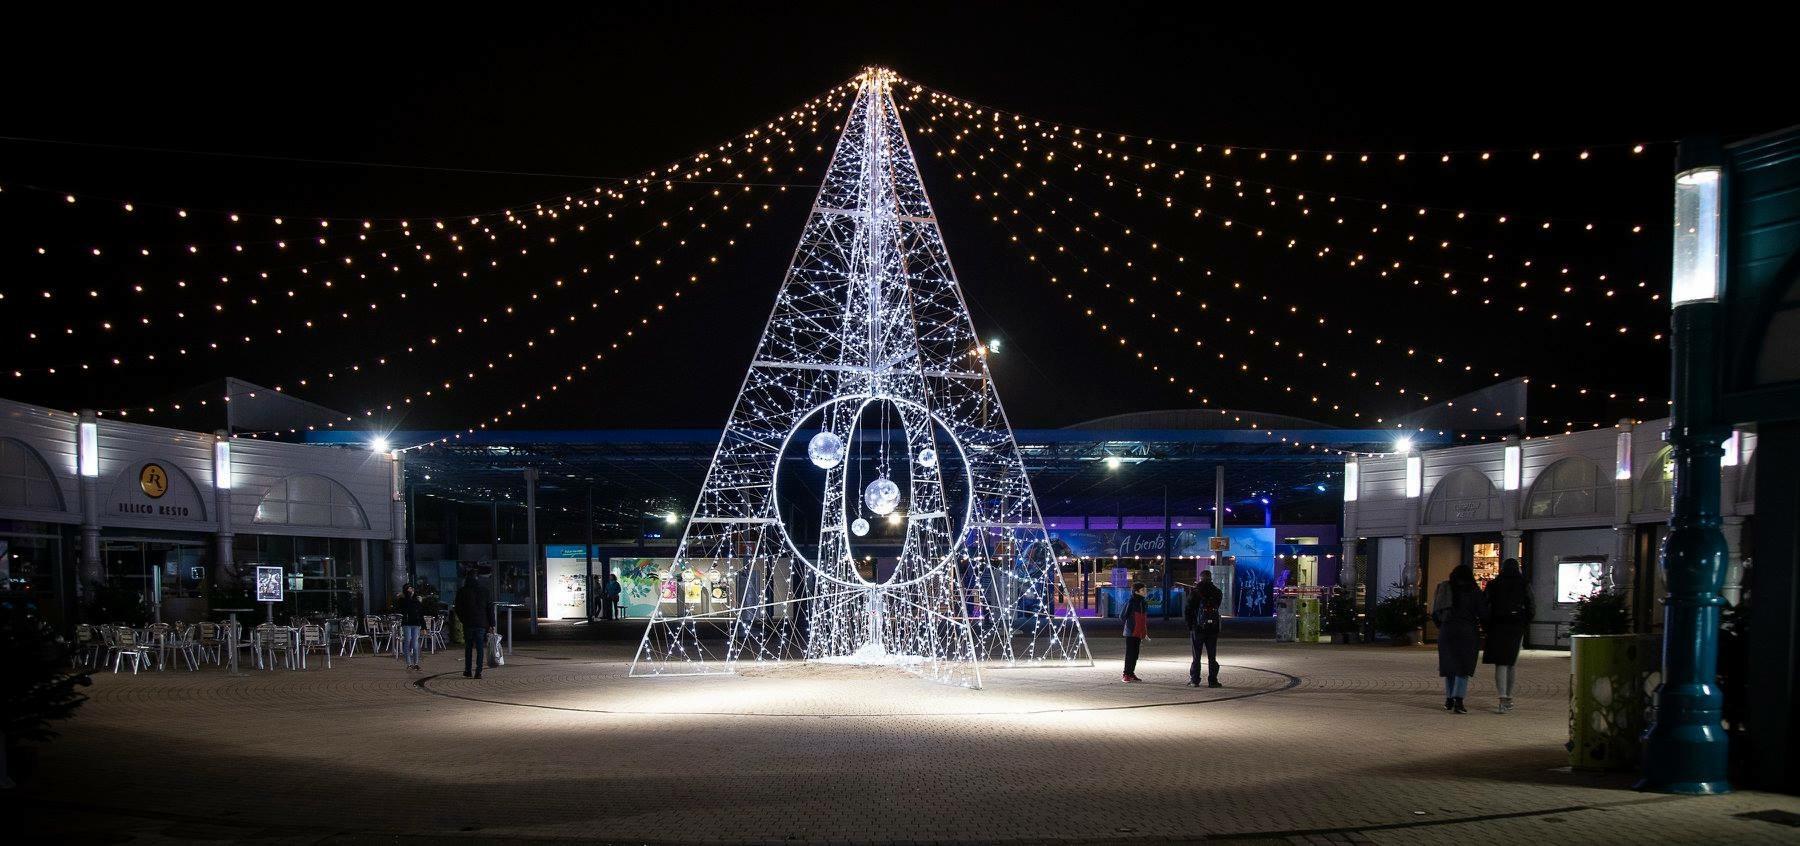 FuturoNoël – Noël 2018 du 22/12 au 06/01/2019 22-A5-C561-F1-D5-4-CA4-86-AC-12-FF192721-FE